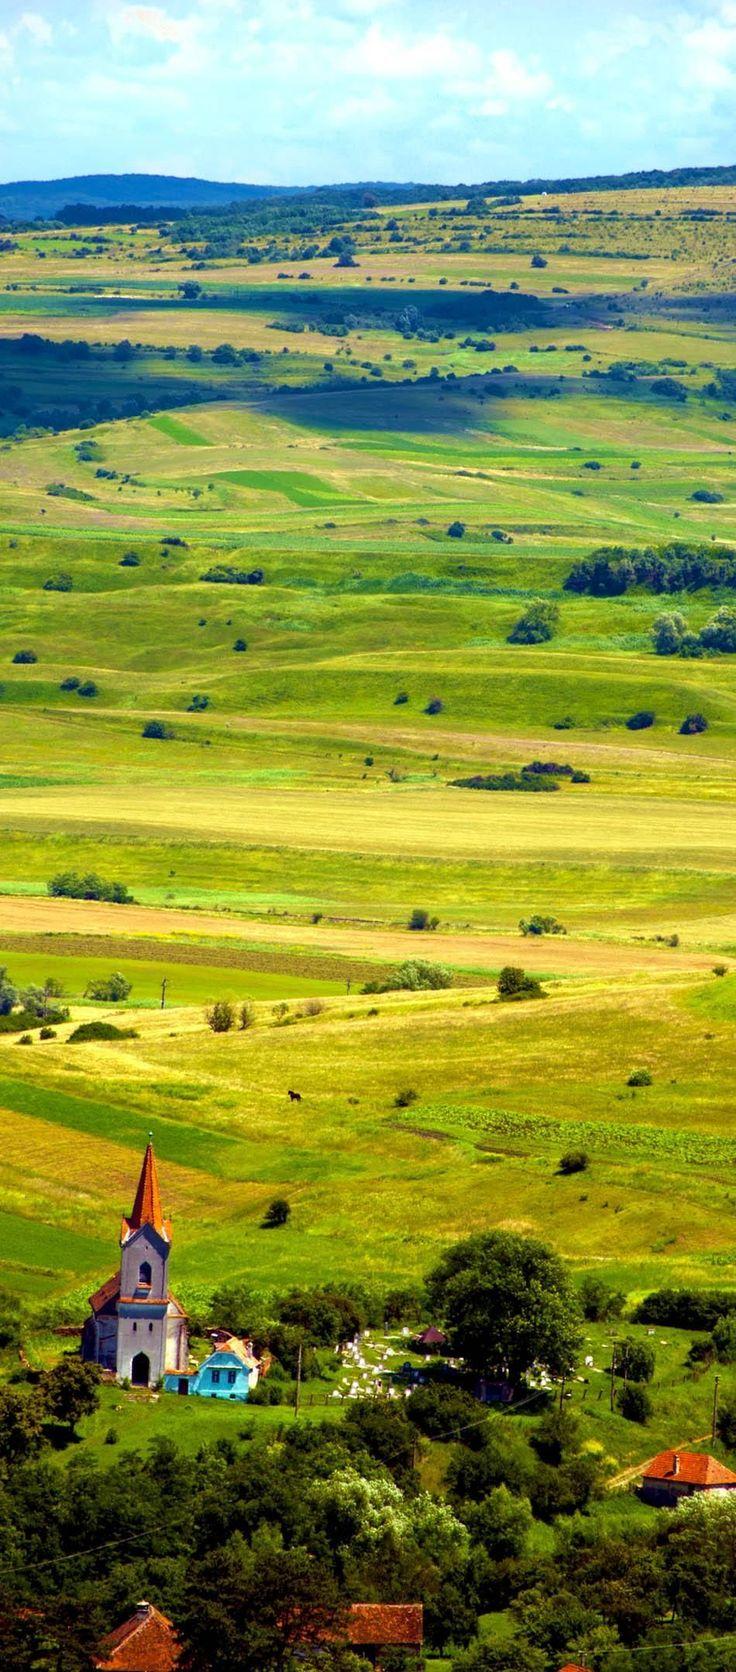 Beau paysage et village du plateau avec l'église en Transylvanie Roumanie - Hasag |  Découvrez la Roumanie incroyable à travers 44 photos spectaculaires